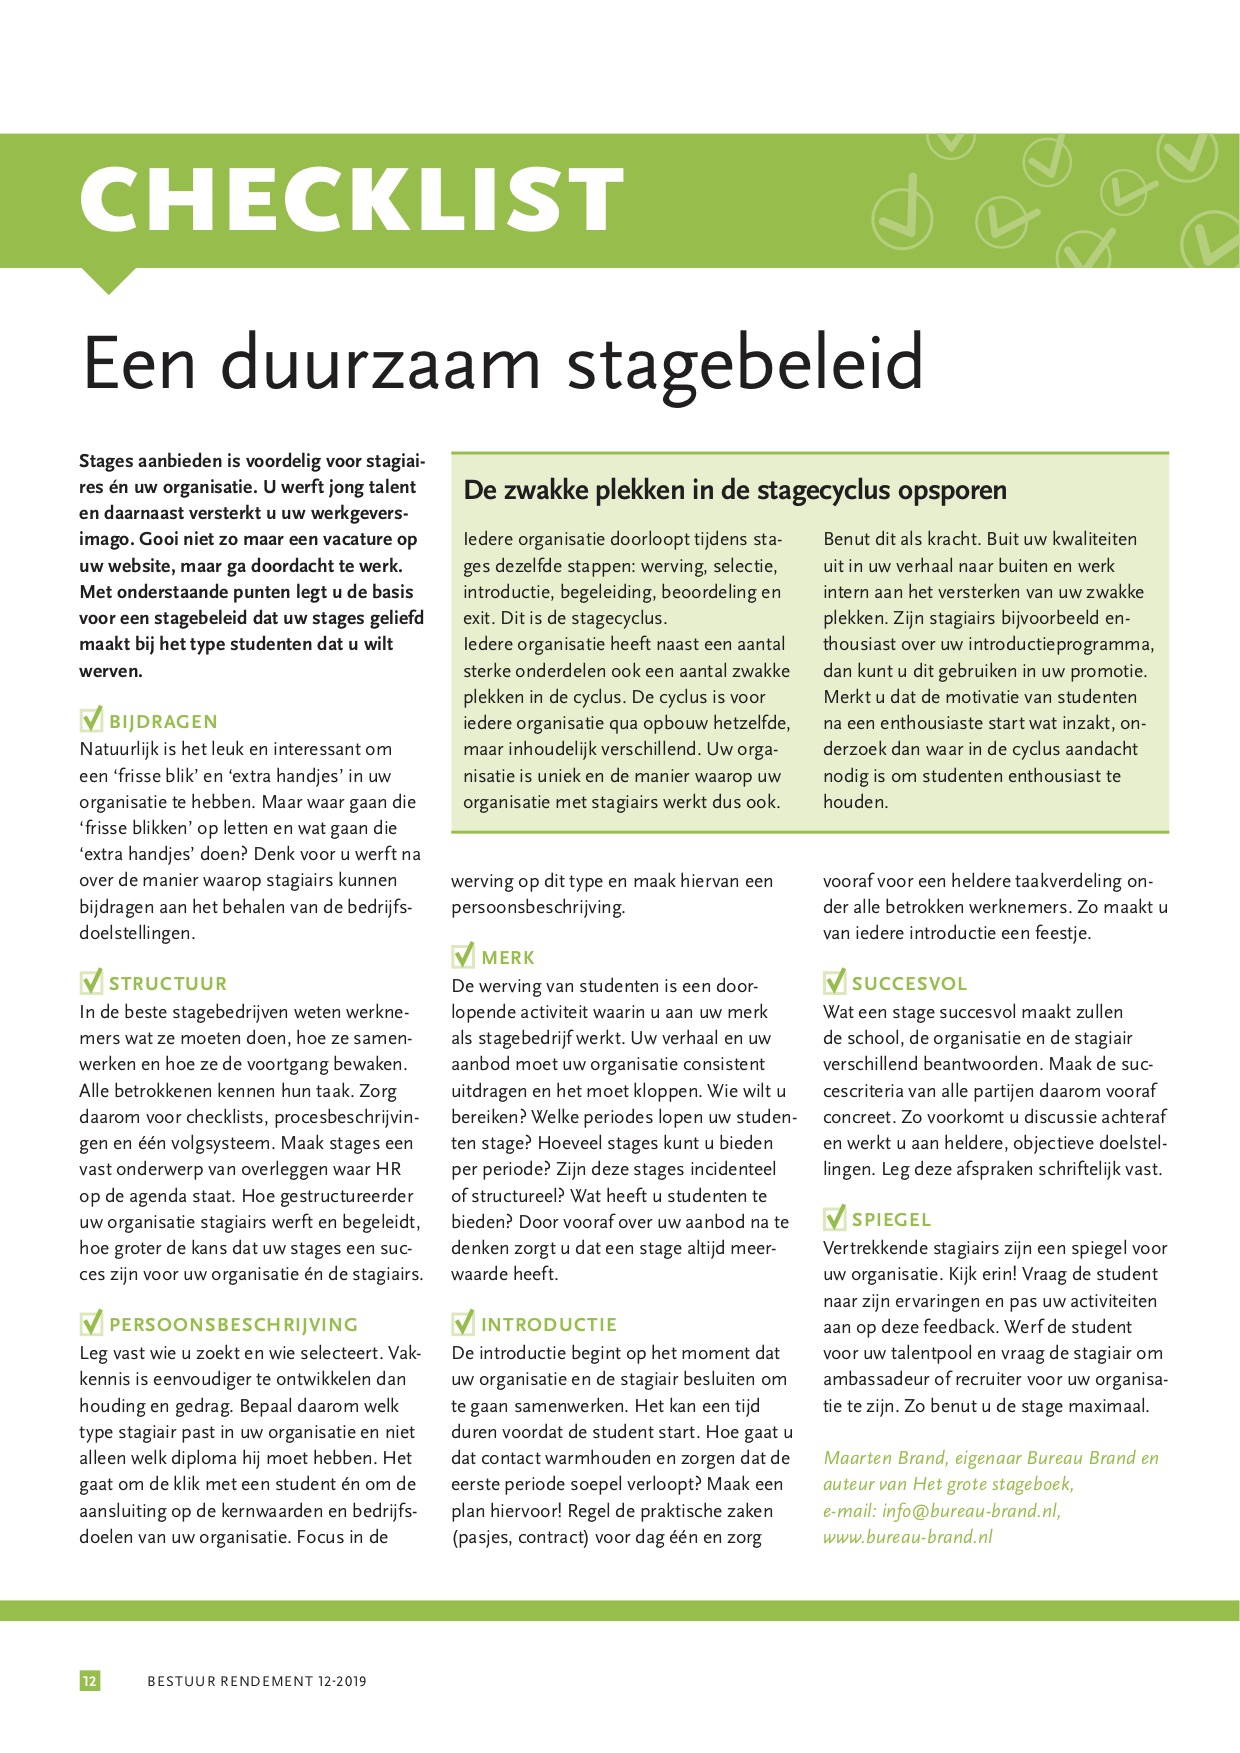 checklist stagebeleid